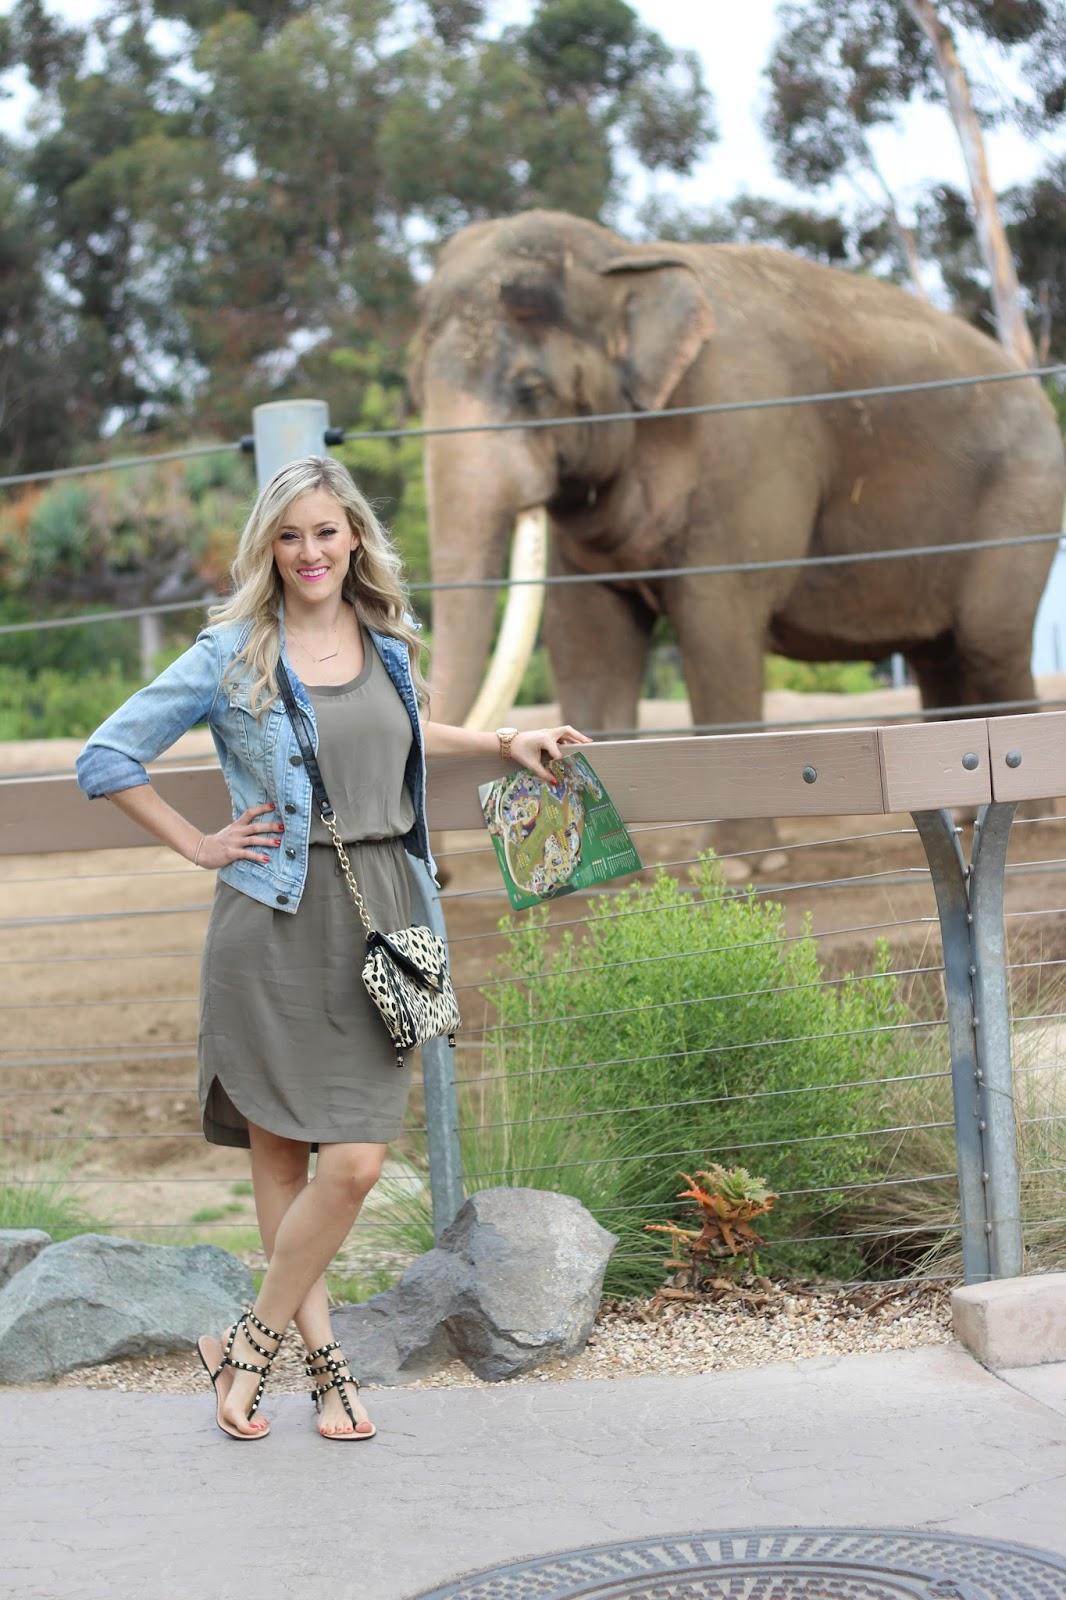 San Diego Zoo Outfit - She Said He Said